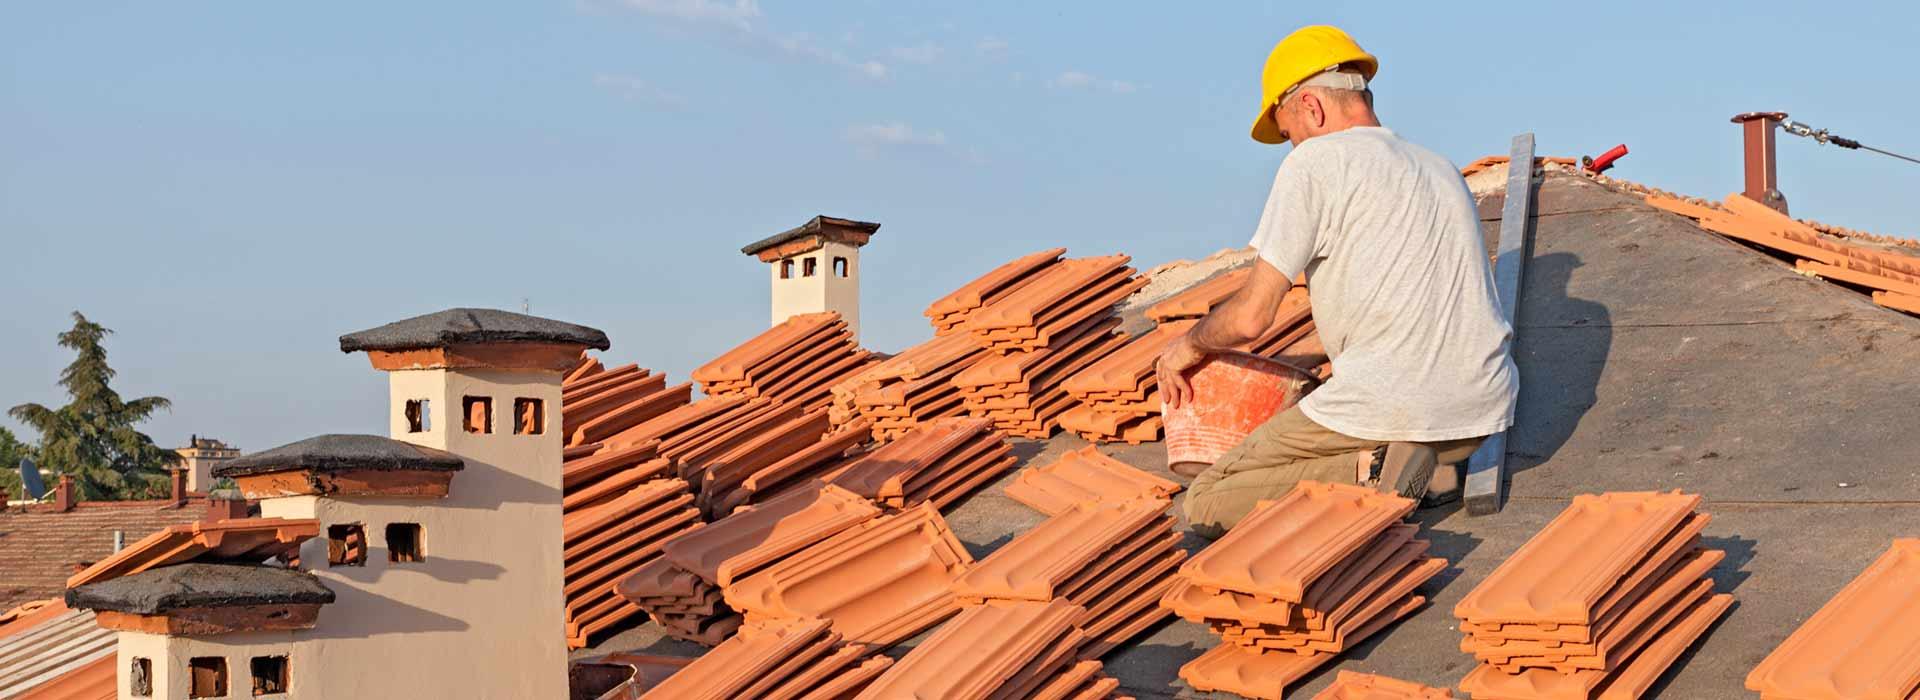 Artigian-Pietre-Specializzata-in-Ristrutturazione-tetti